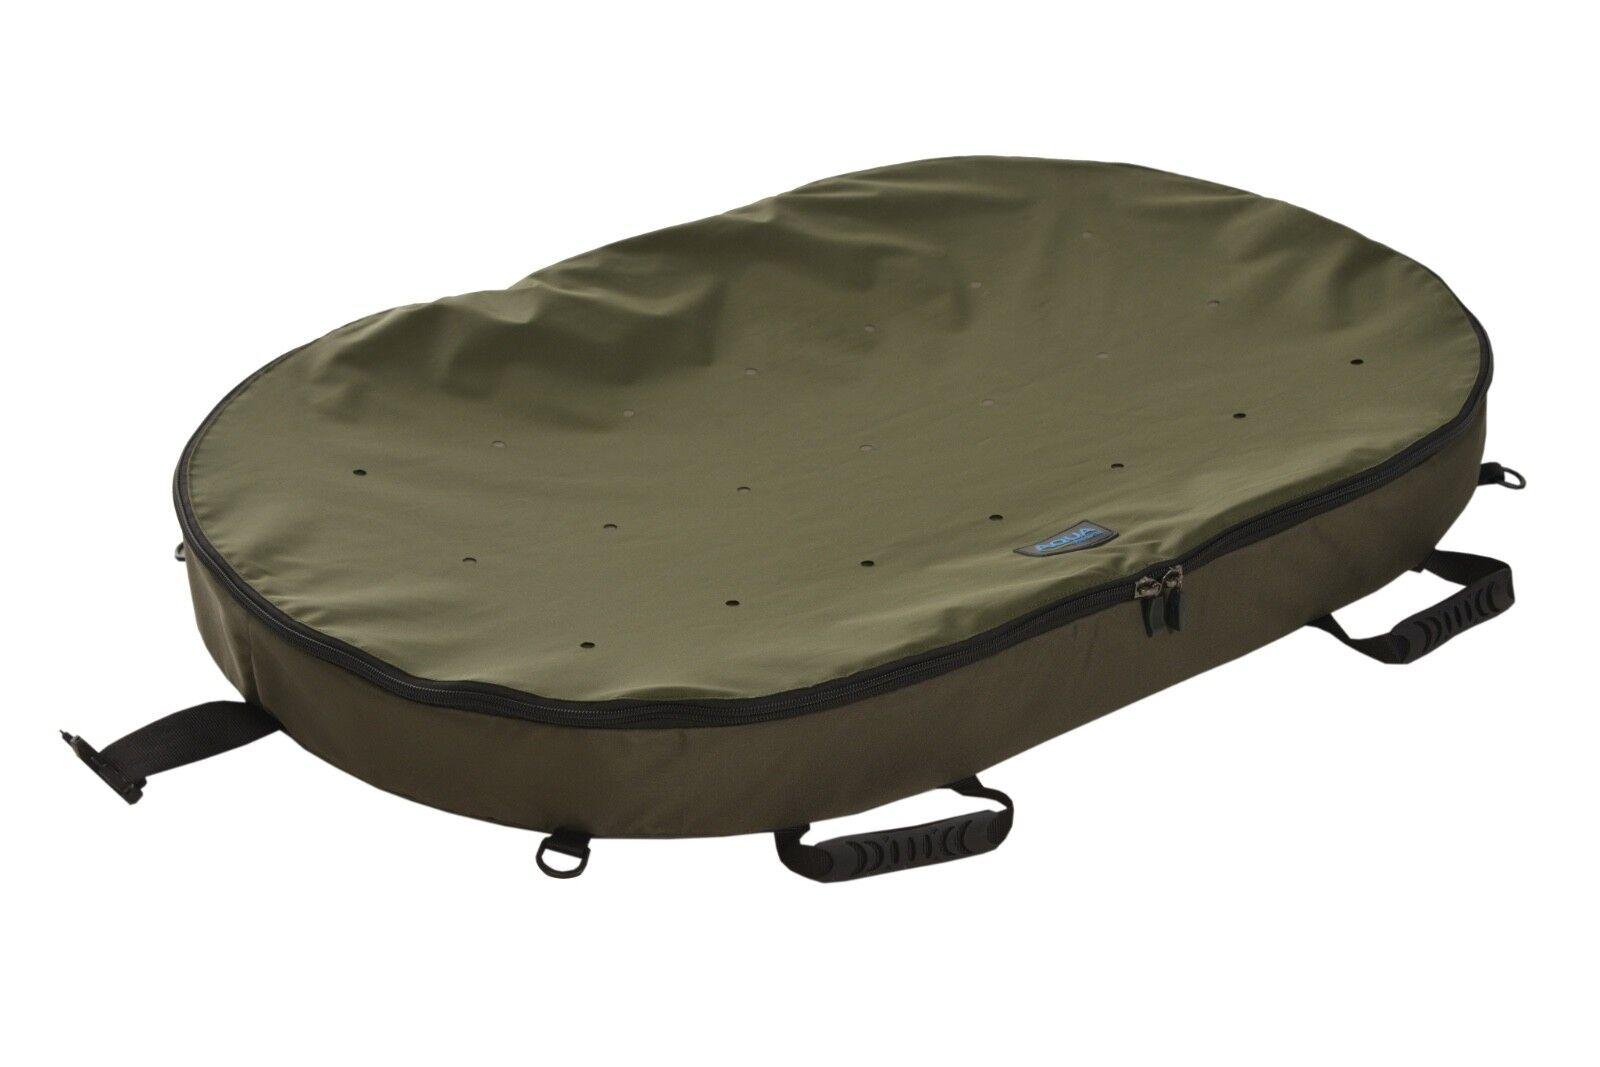 Aqua Deluxe Compact Unhooking 412227 Mat Carp Care - 412227 Unhooking NEW Carp Fishing 1d4d06